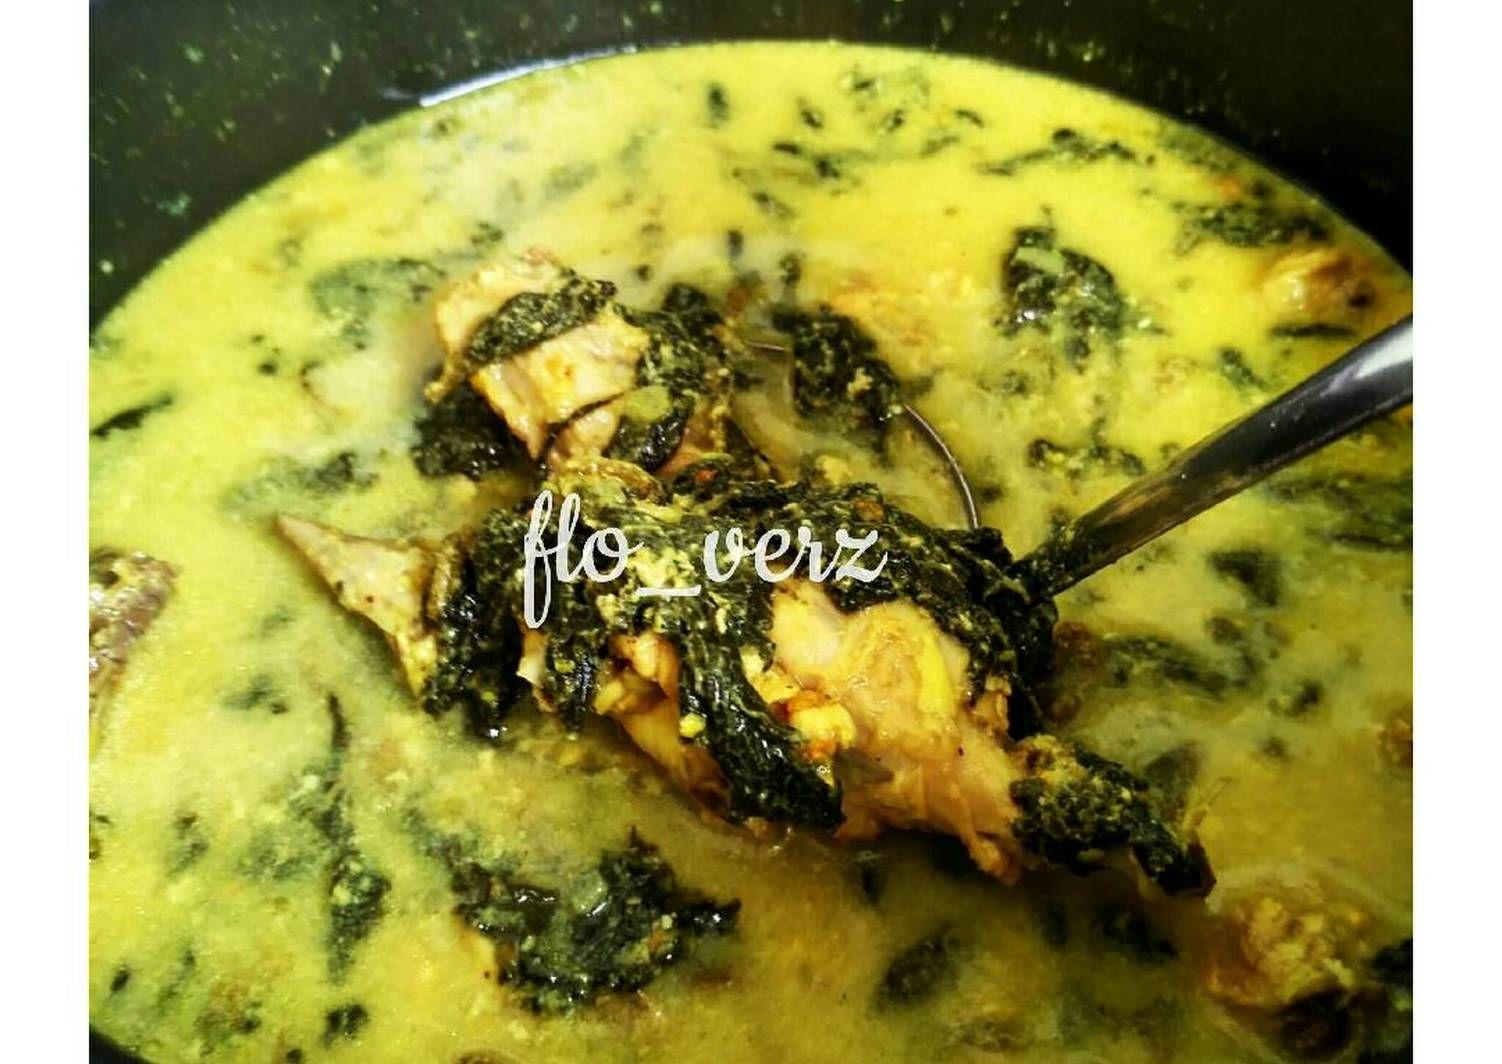 Resep Sayur Bangun Bangun Daun Jinten Oleh Flo Verz Resep Resep Masakan Indonesia Makanan Masakan